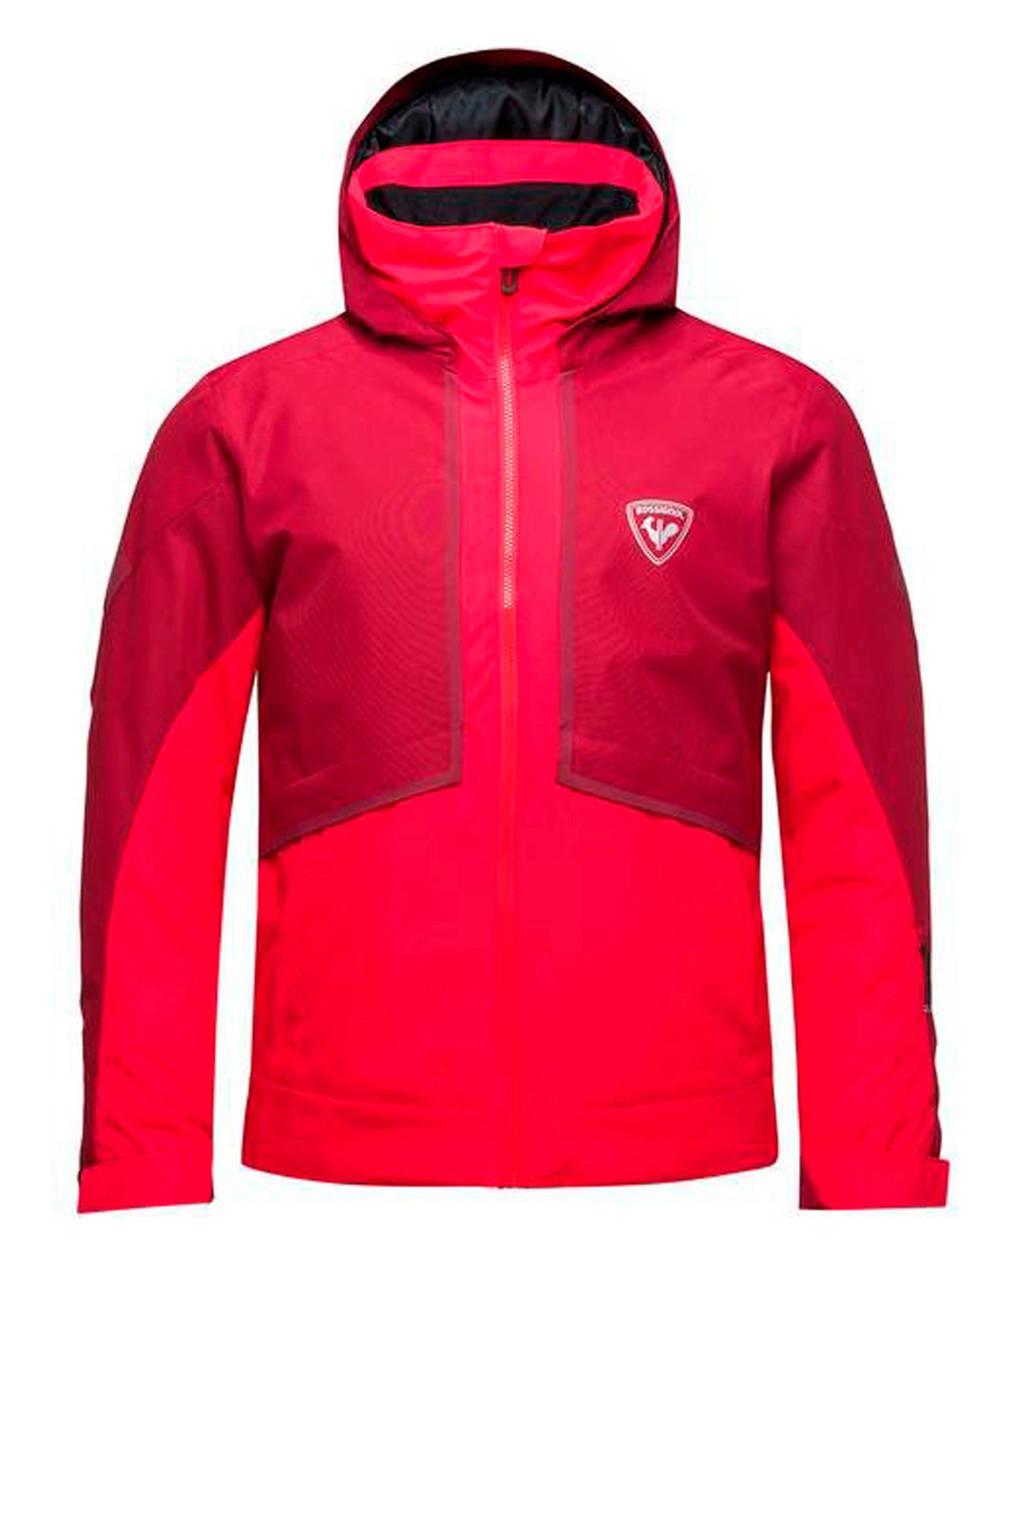 Rossignol ski-jack Masse rood, Rood/donkerrood